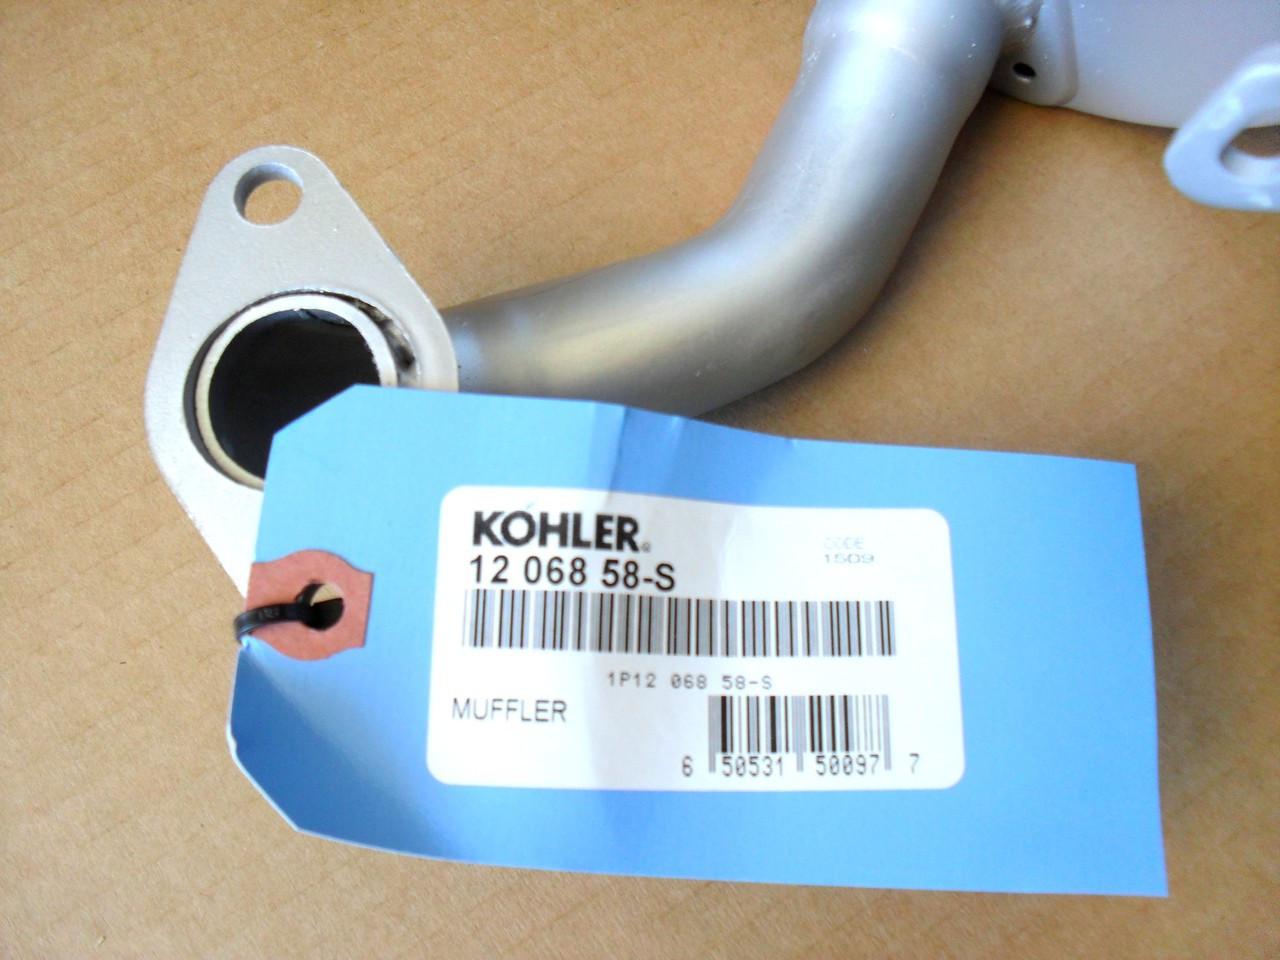 Kohler 12 068 58-S MUFFLER